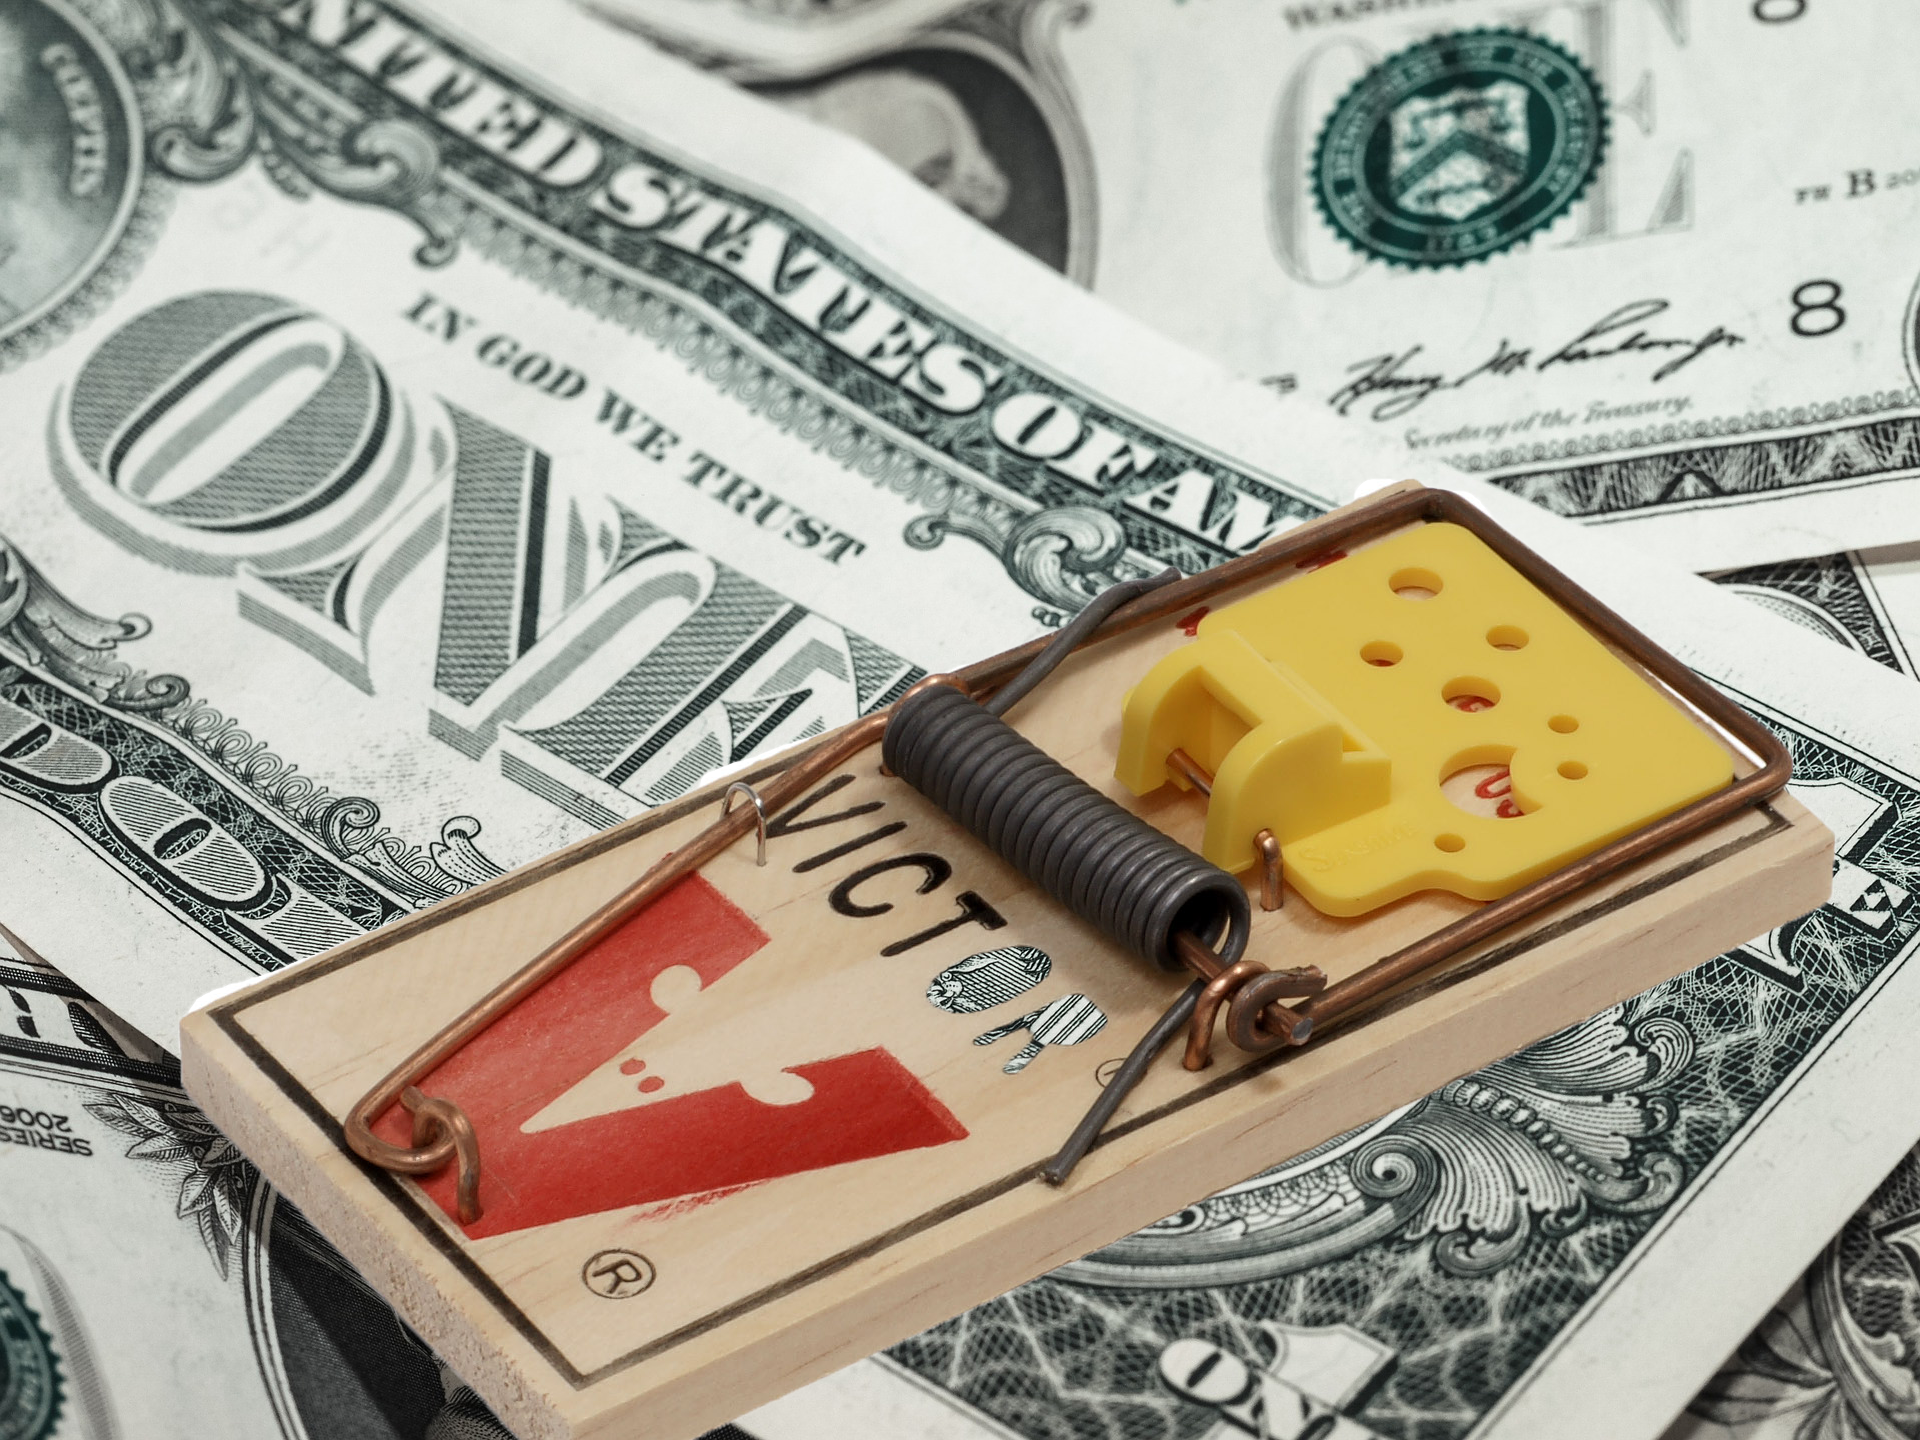 további jövedelem üzleti ötletek hogyan lehet pénzt keresni és növelni